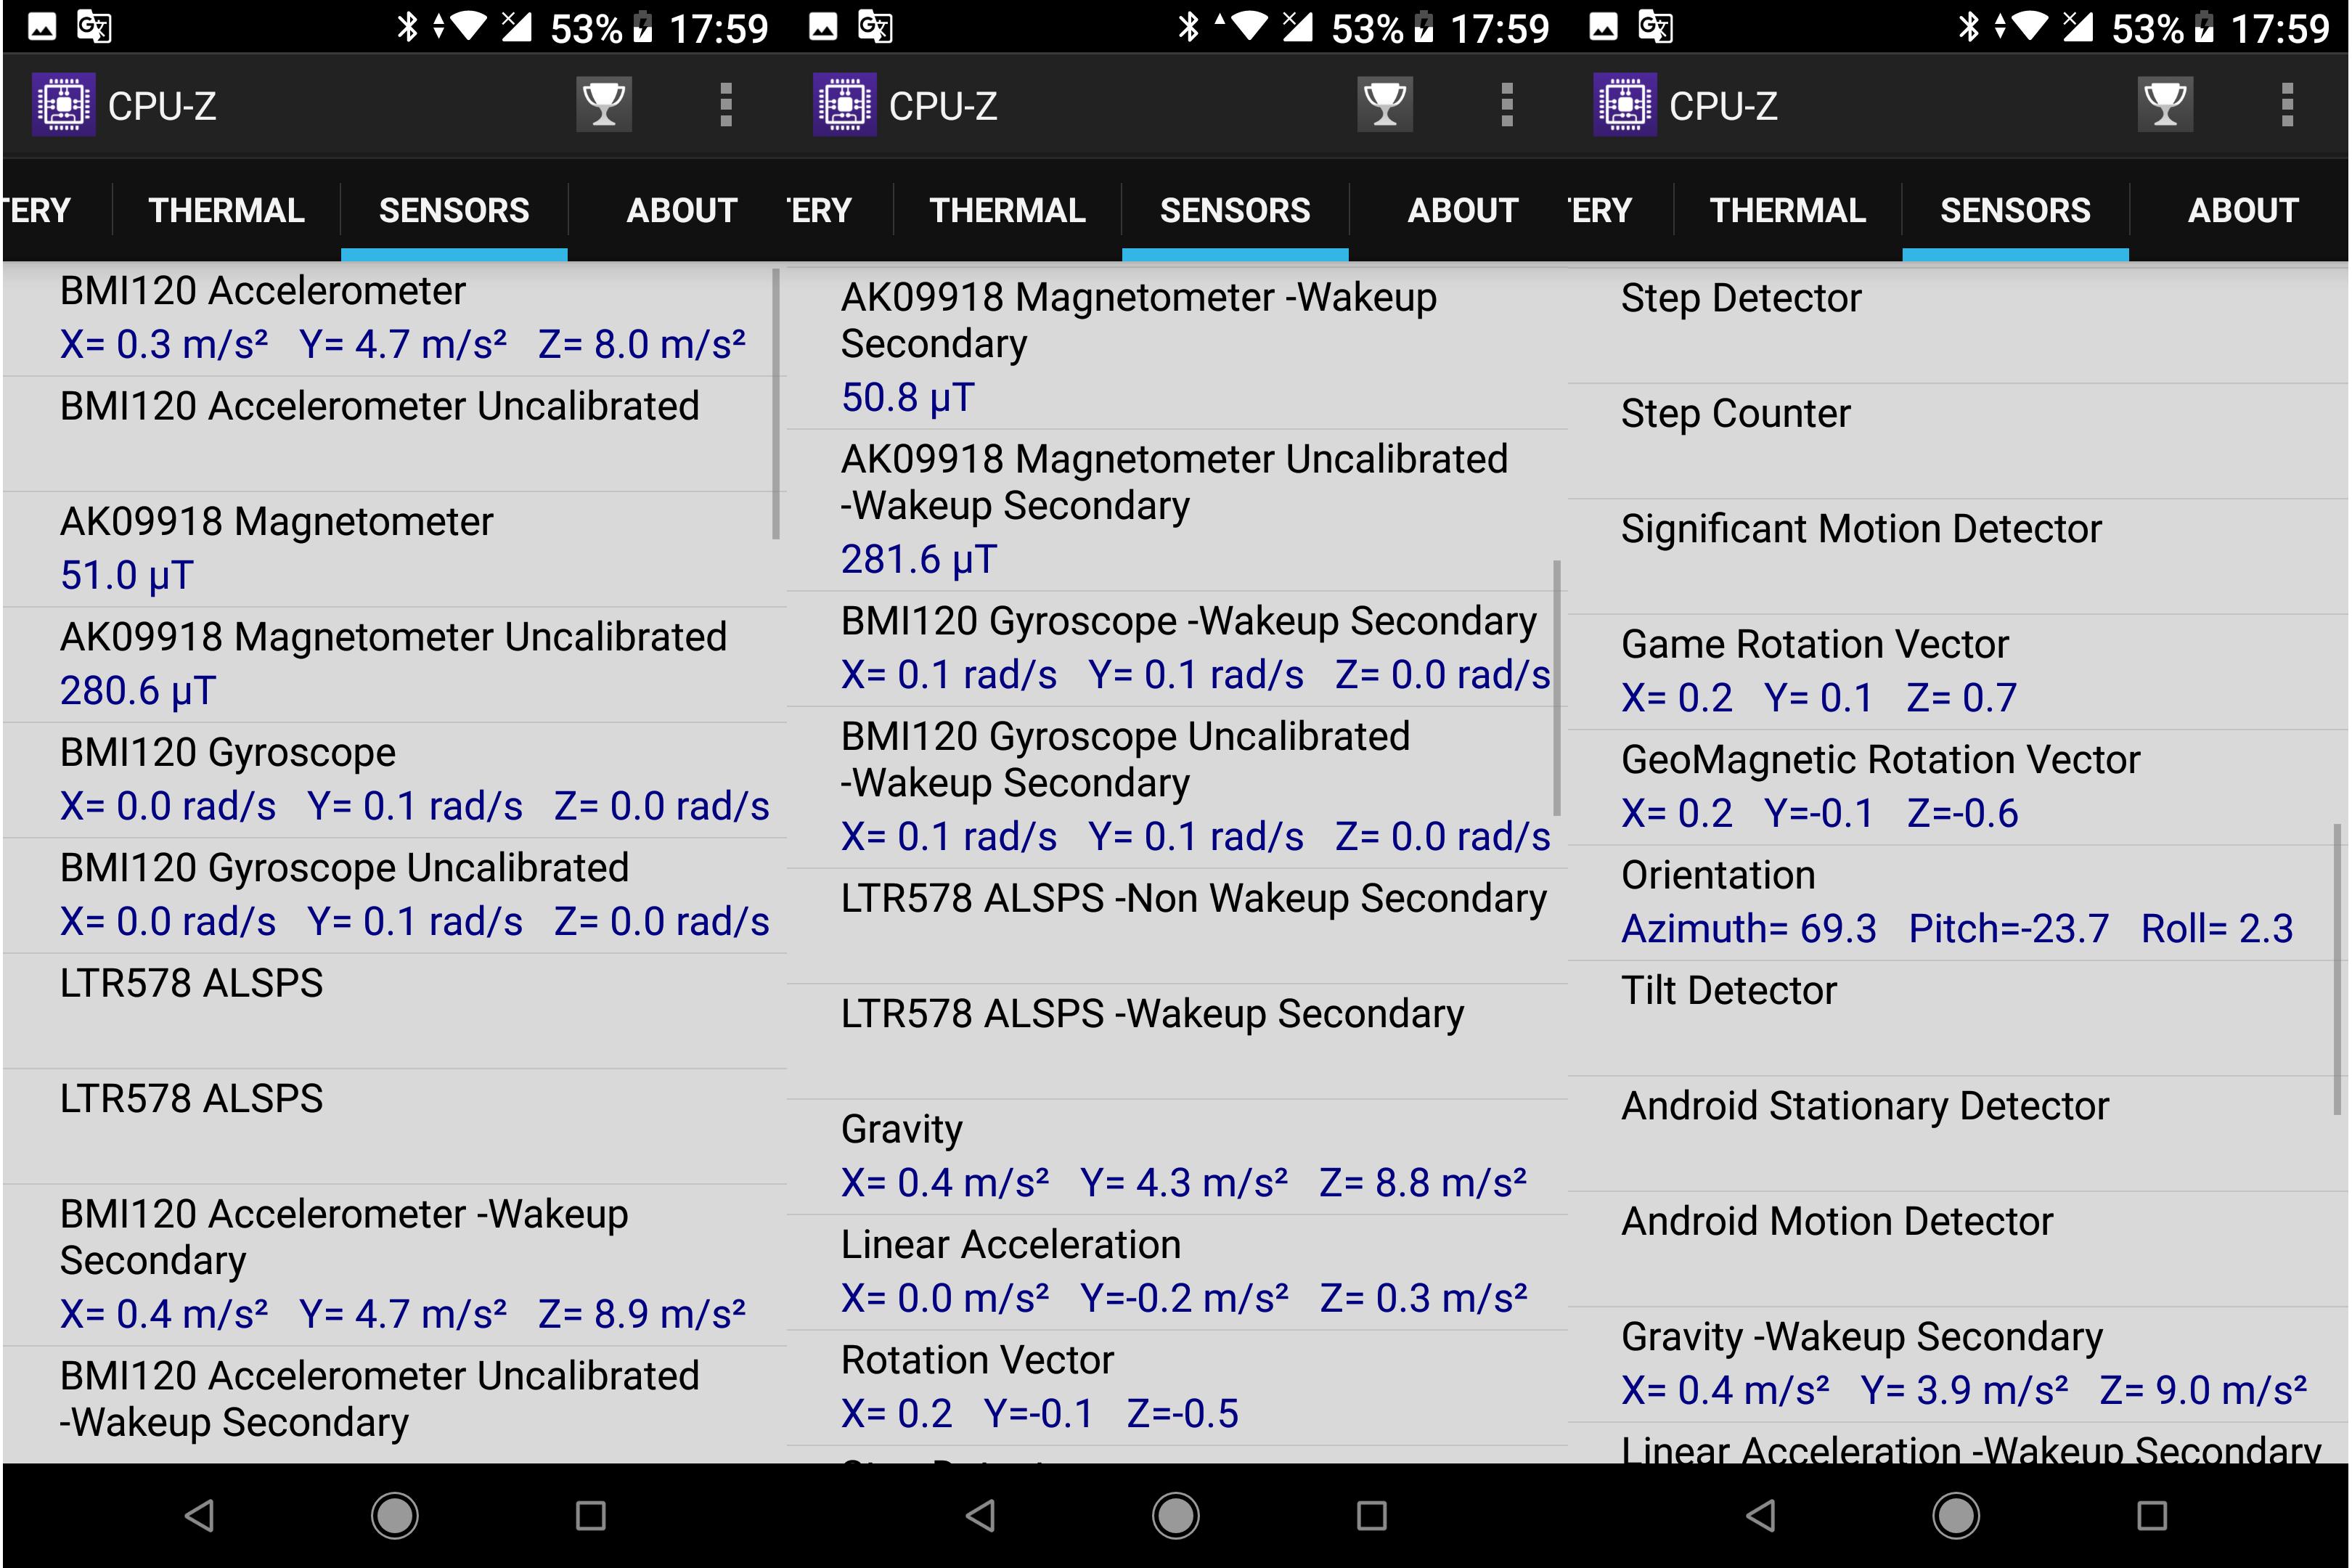 Xiaomi Mi A2 Review - Part 1: Unboxing, Firmware Update, Antutu